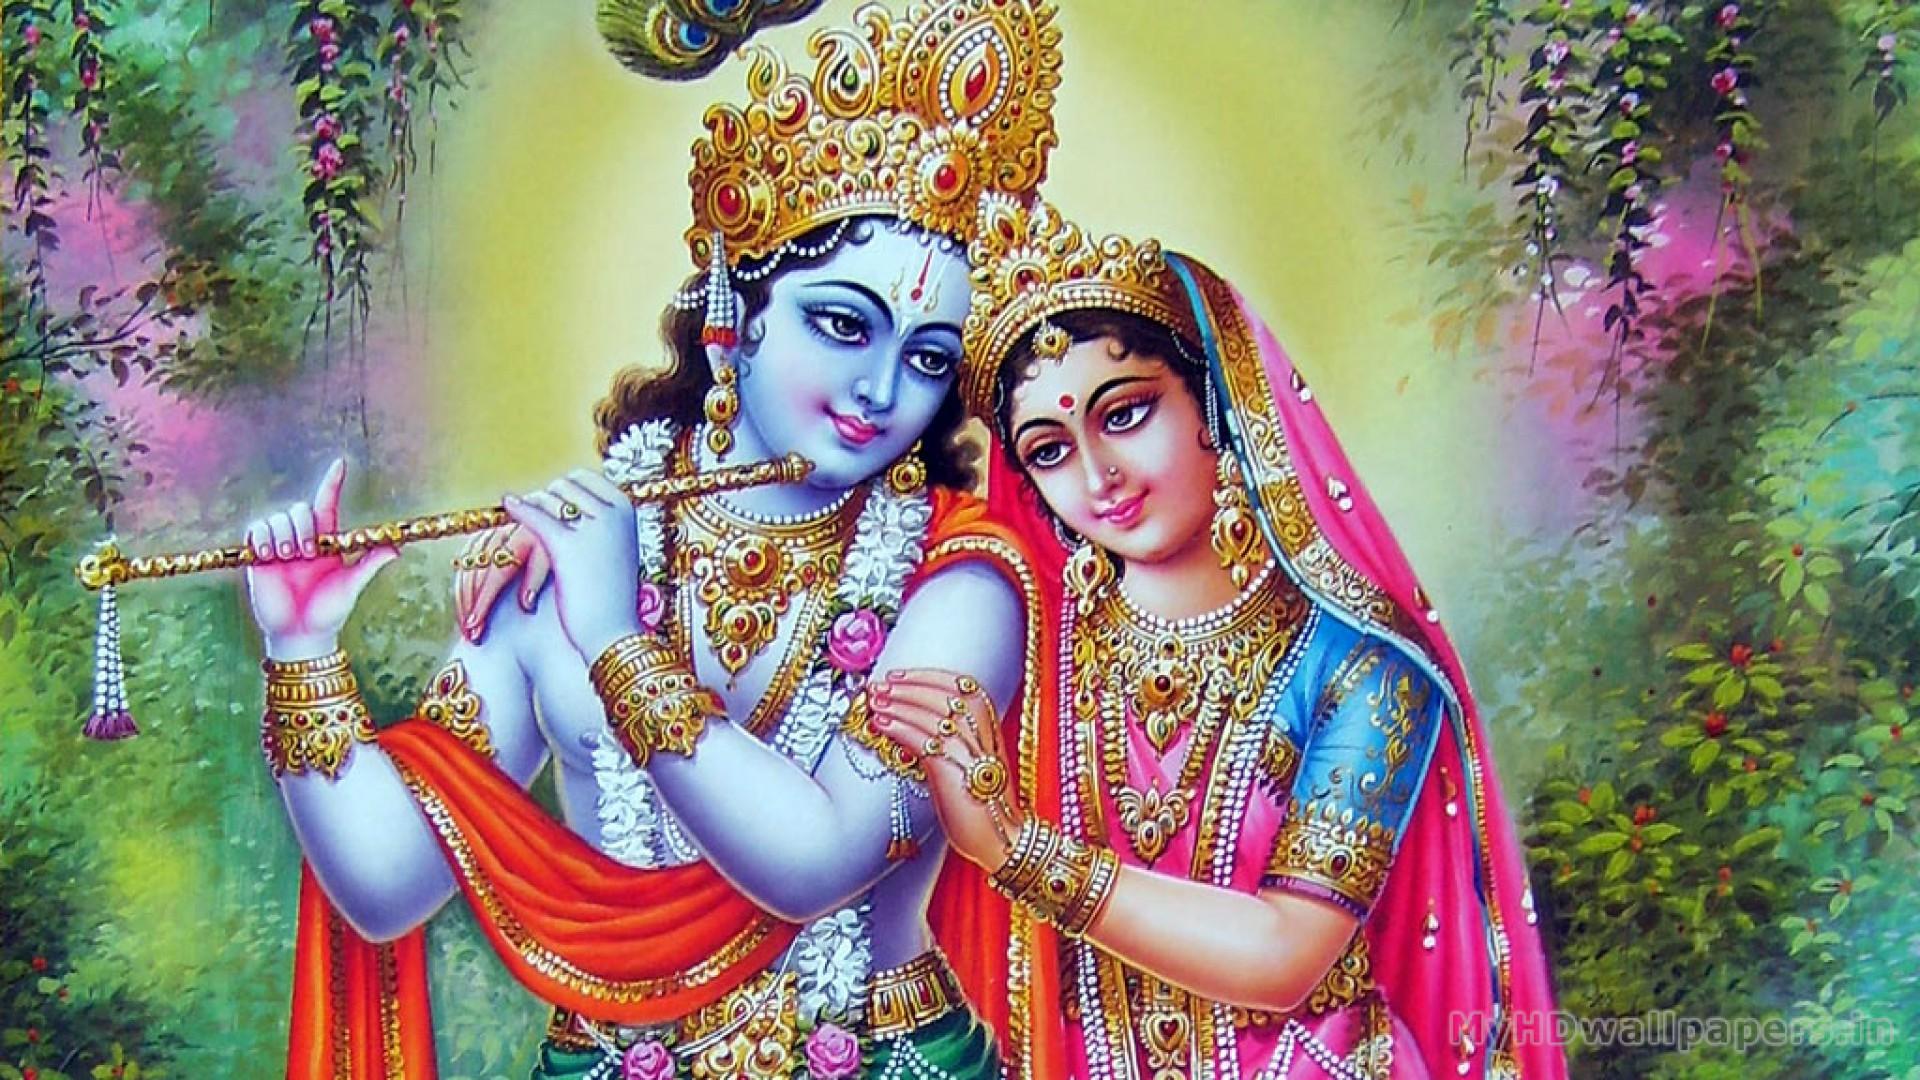 Hd wallpaper krishna - Radha Krishna Hd Wallpapers